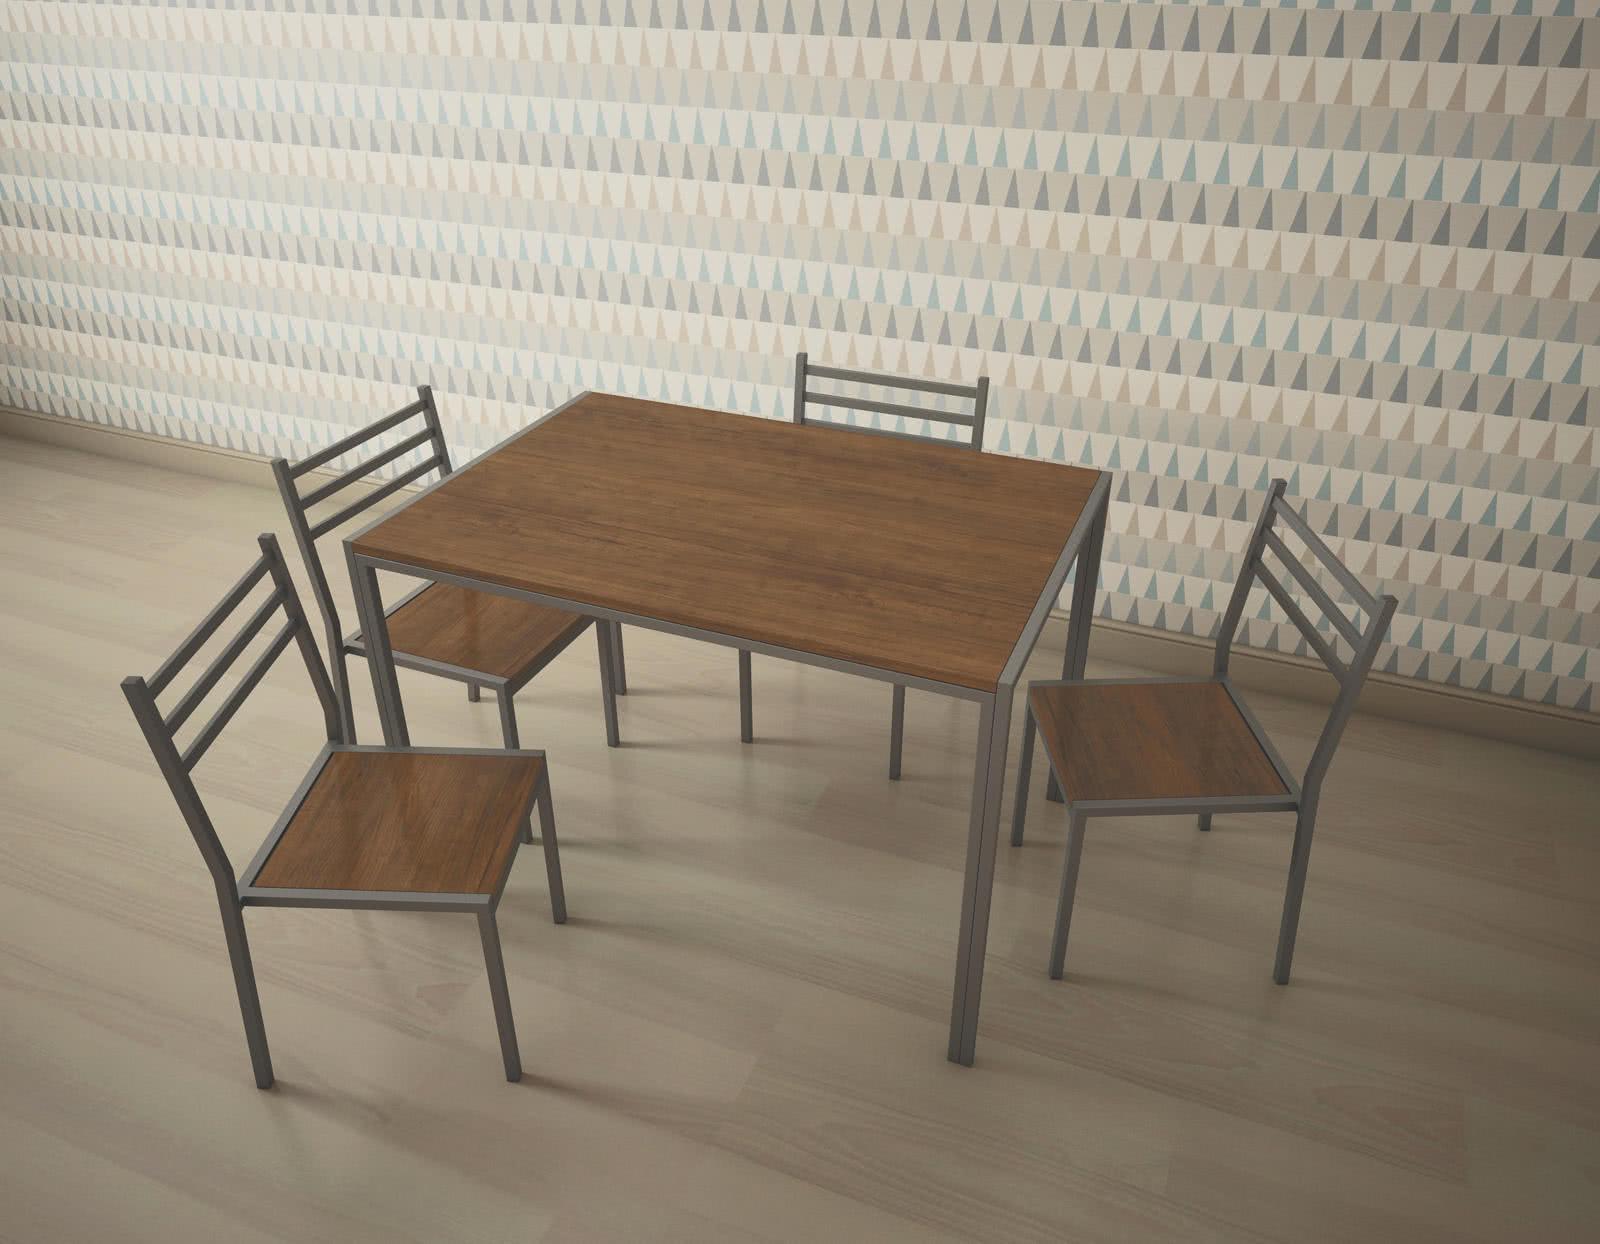 Стол обеденный Вито — купить недорого в mebHOME. Цены от производителя. Размеры и фото. Отзывы. | Шагус ТД